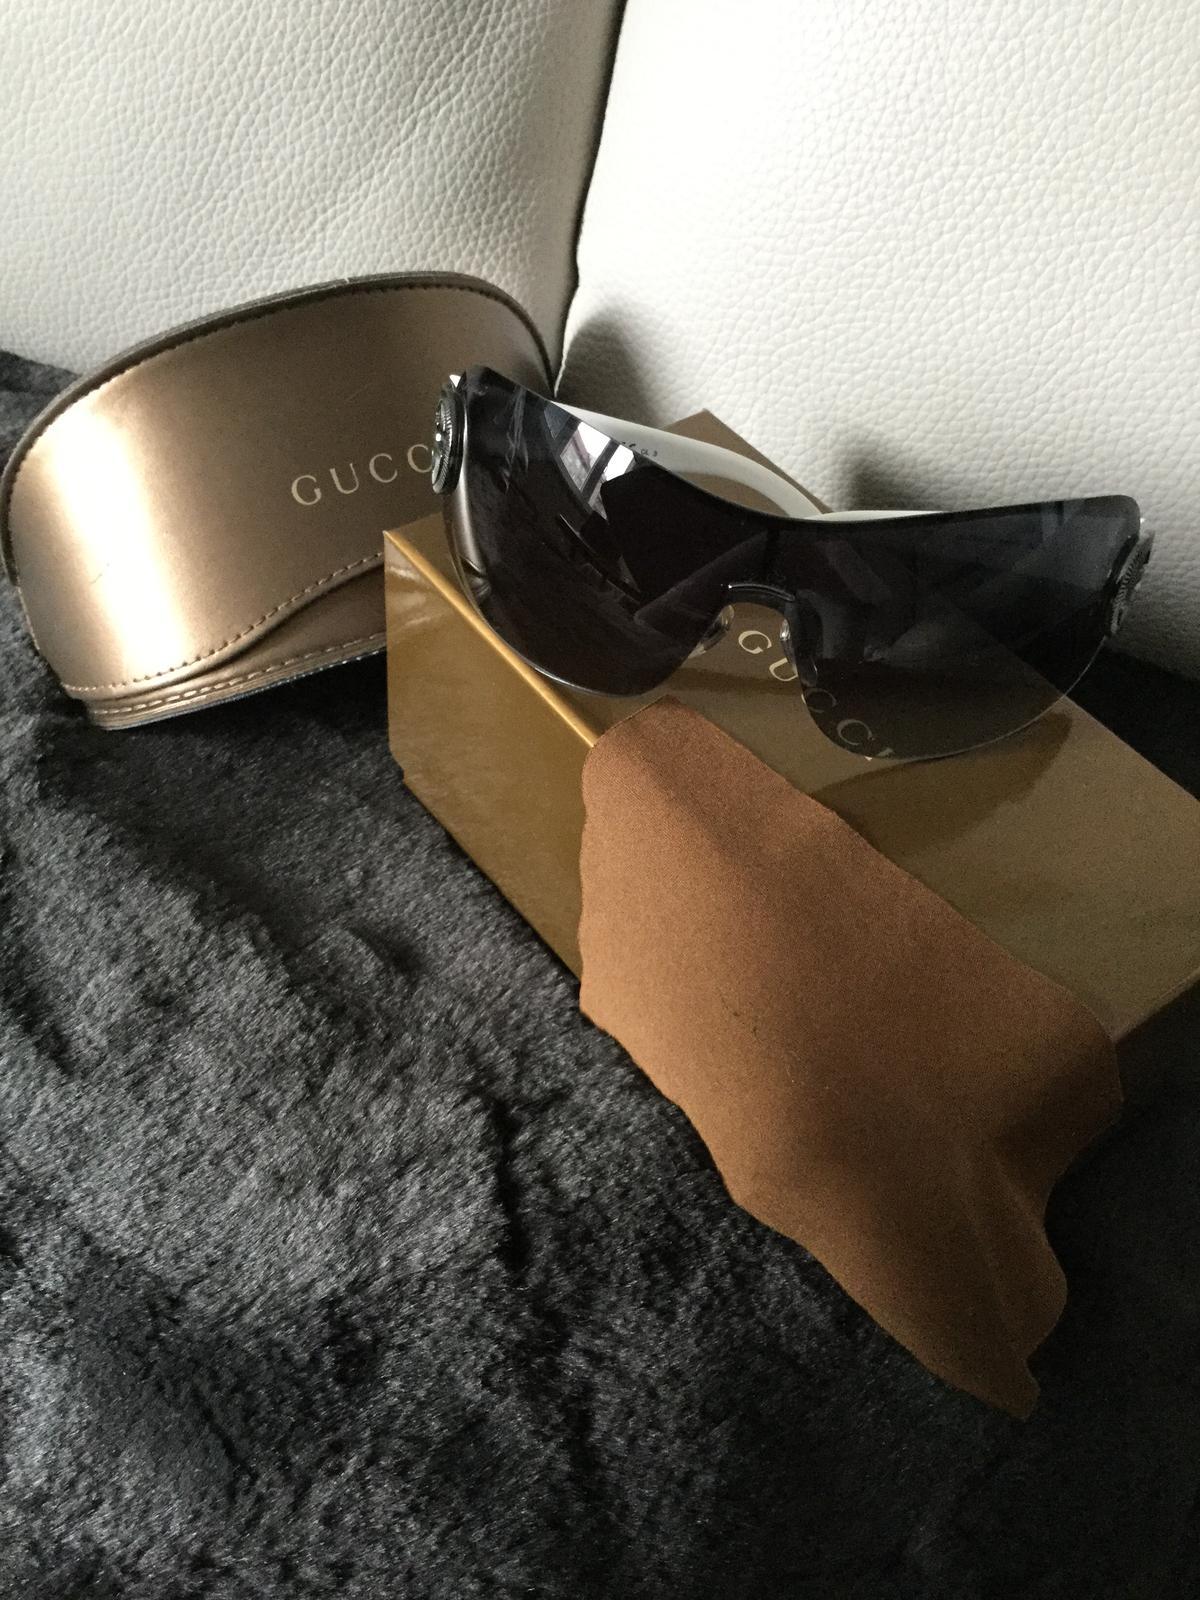 dea0559fe Gucci slnecne okuliare+vichy/bioderma, - 95 € od predávajúcej katka1025 | Detský  bazár | ModryKonik.sk